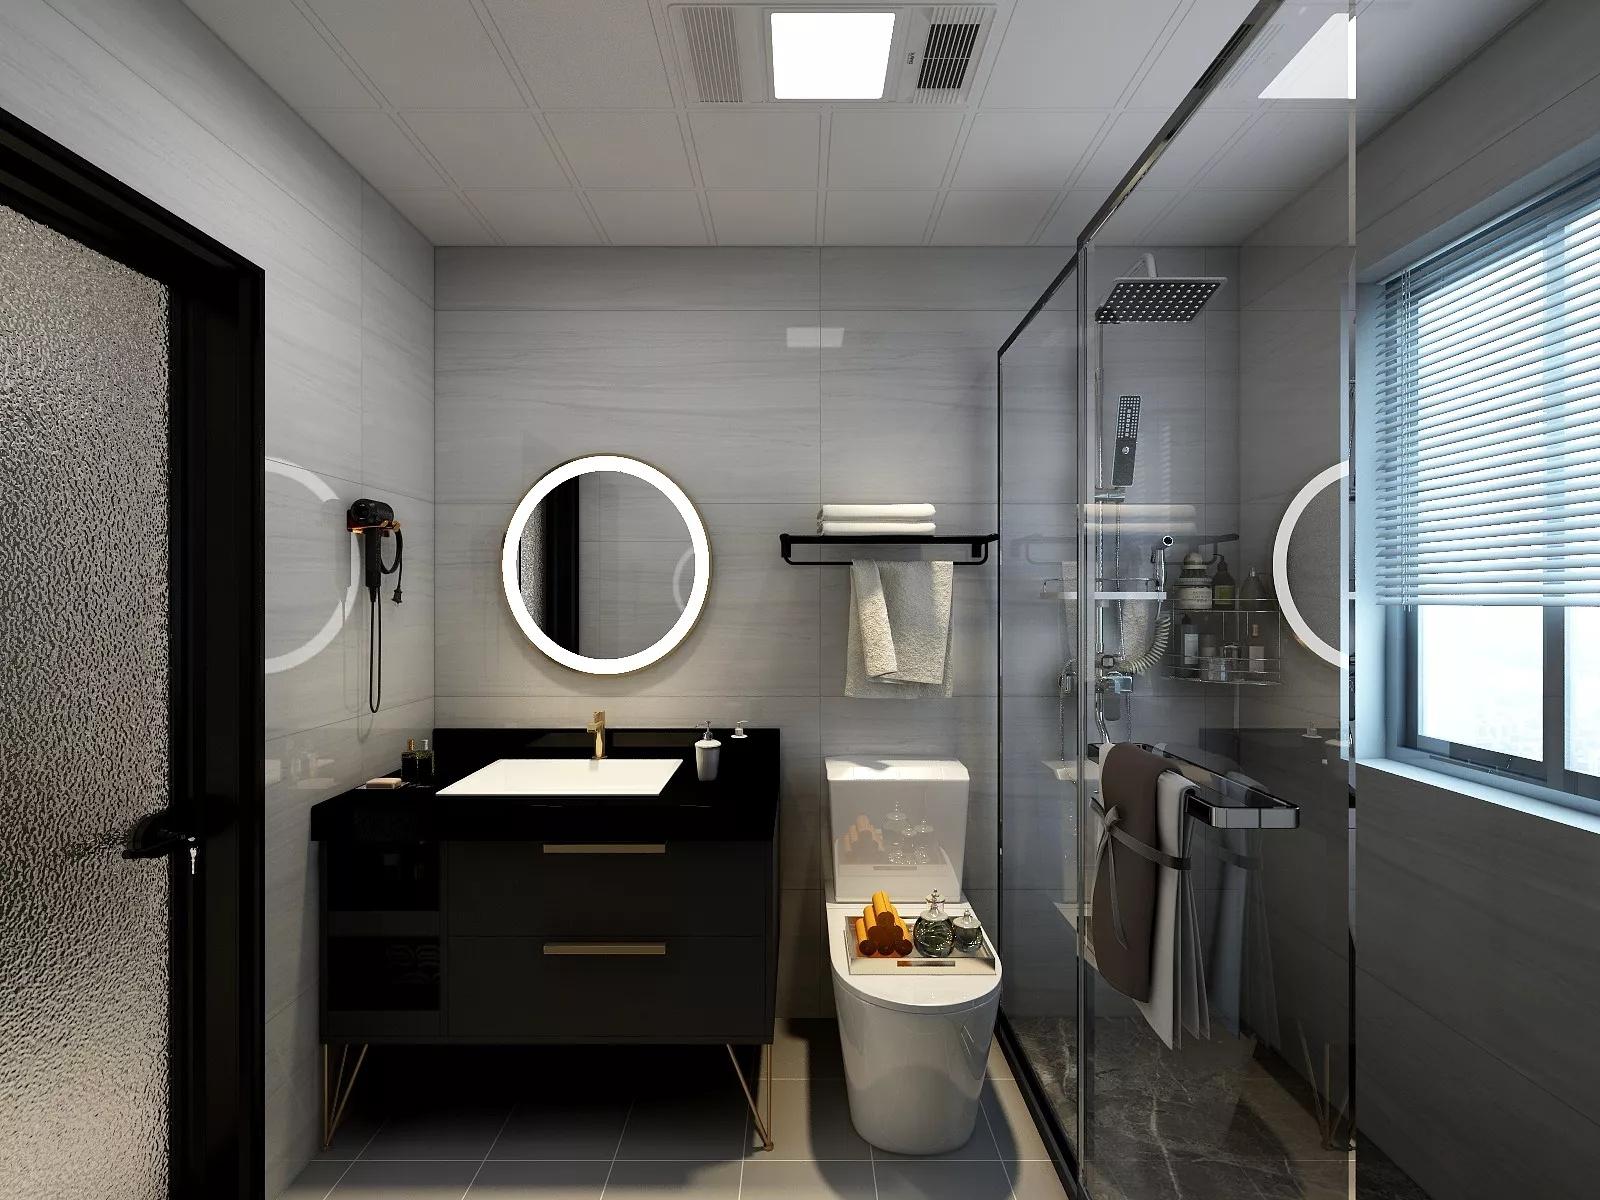 简约欧式风格公寓装修效果图